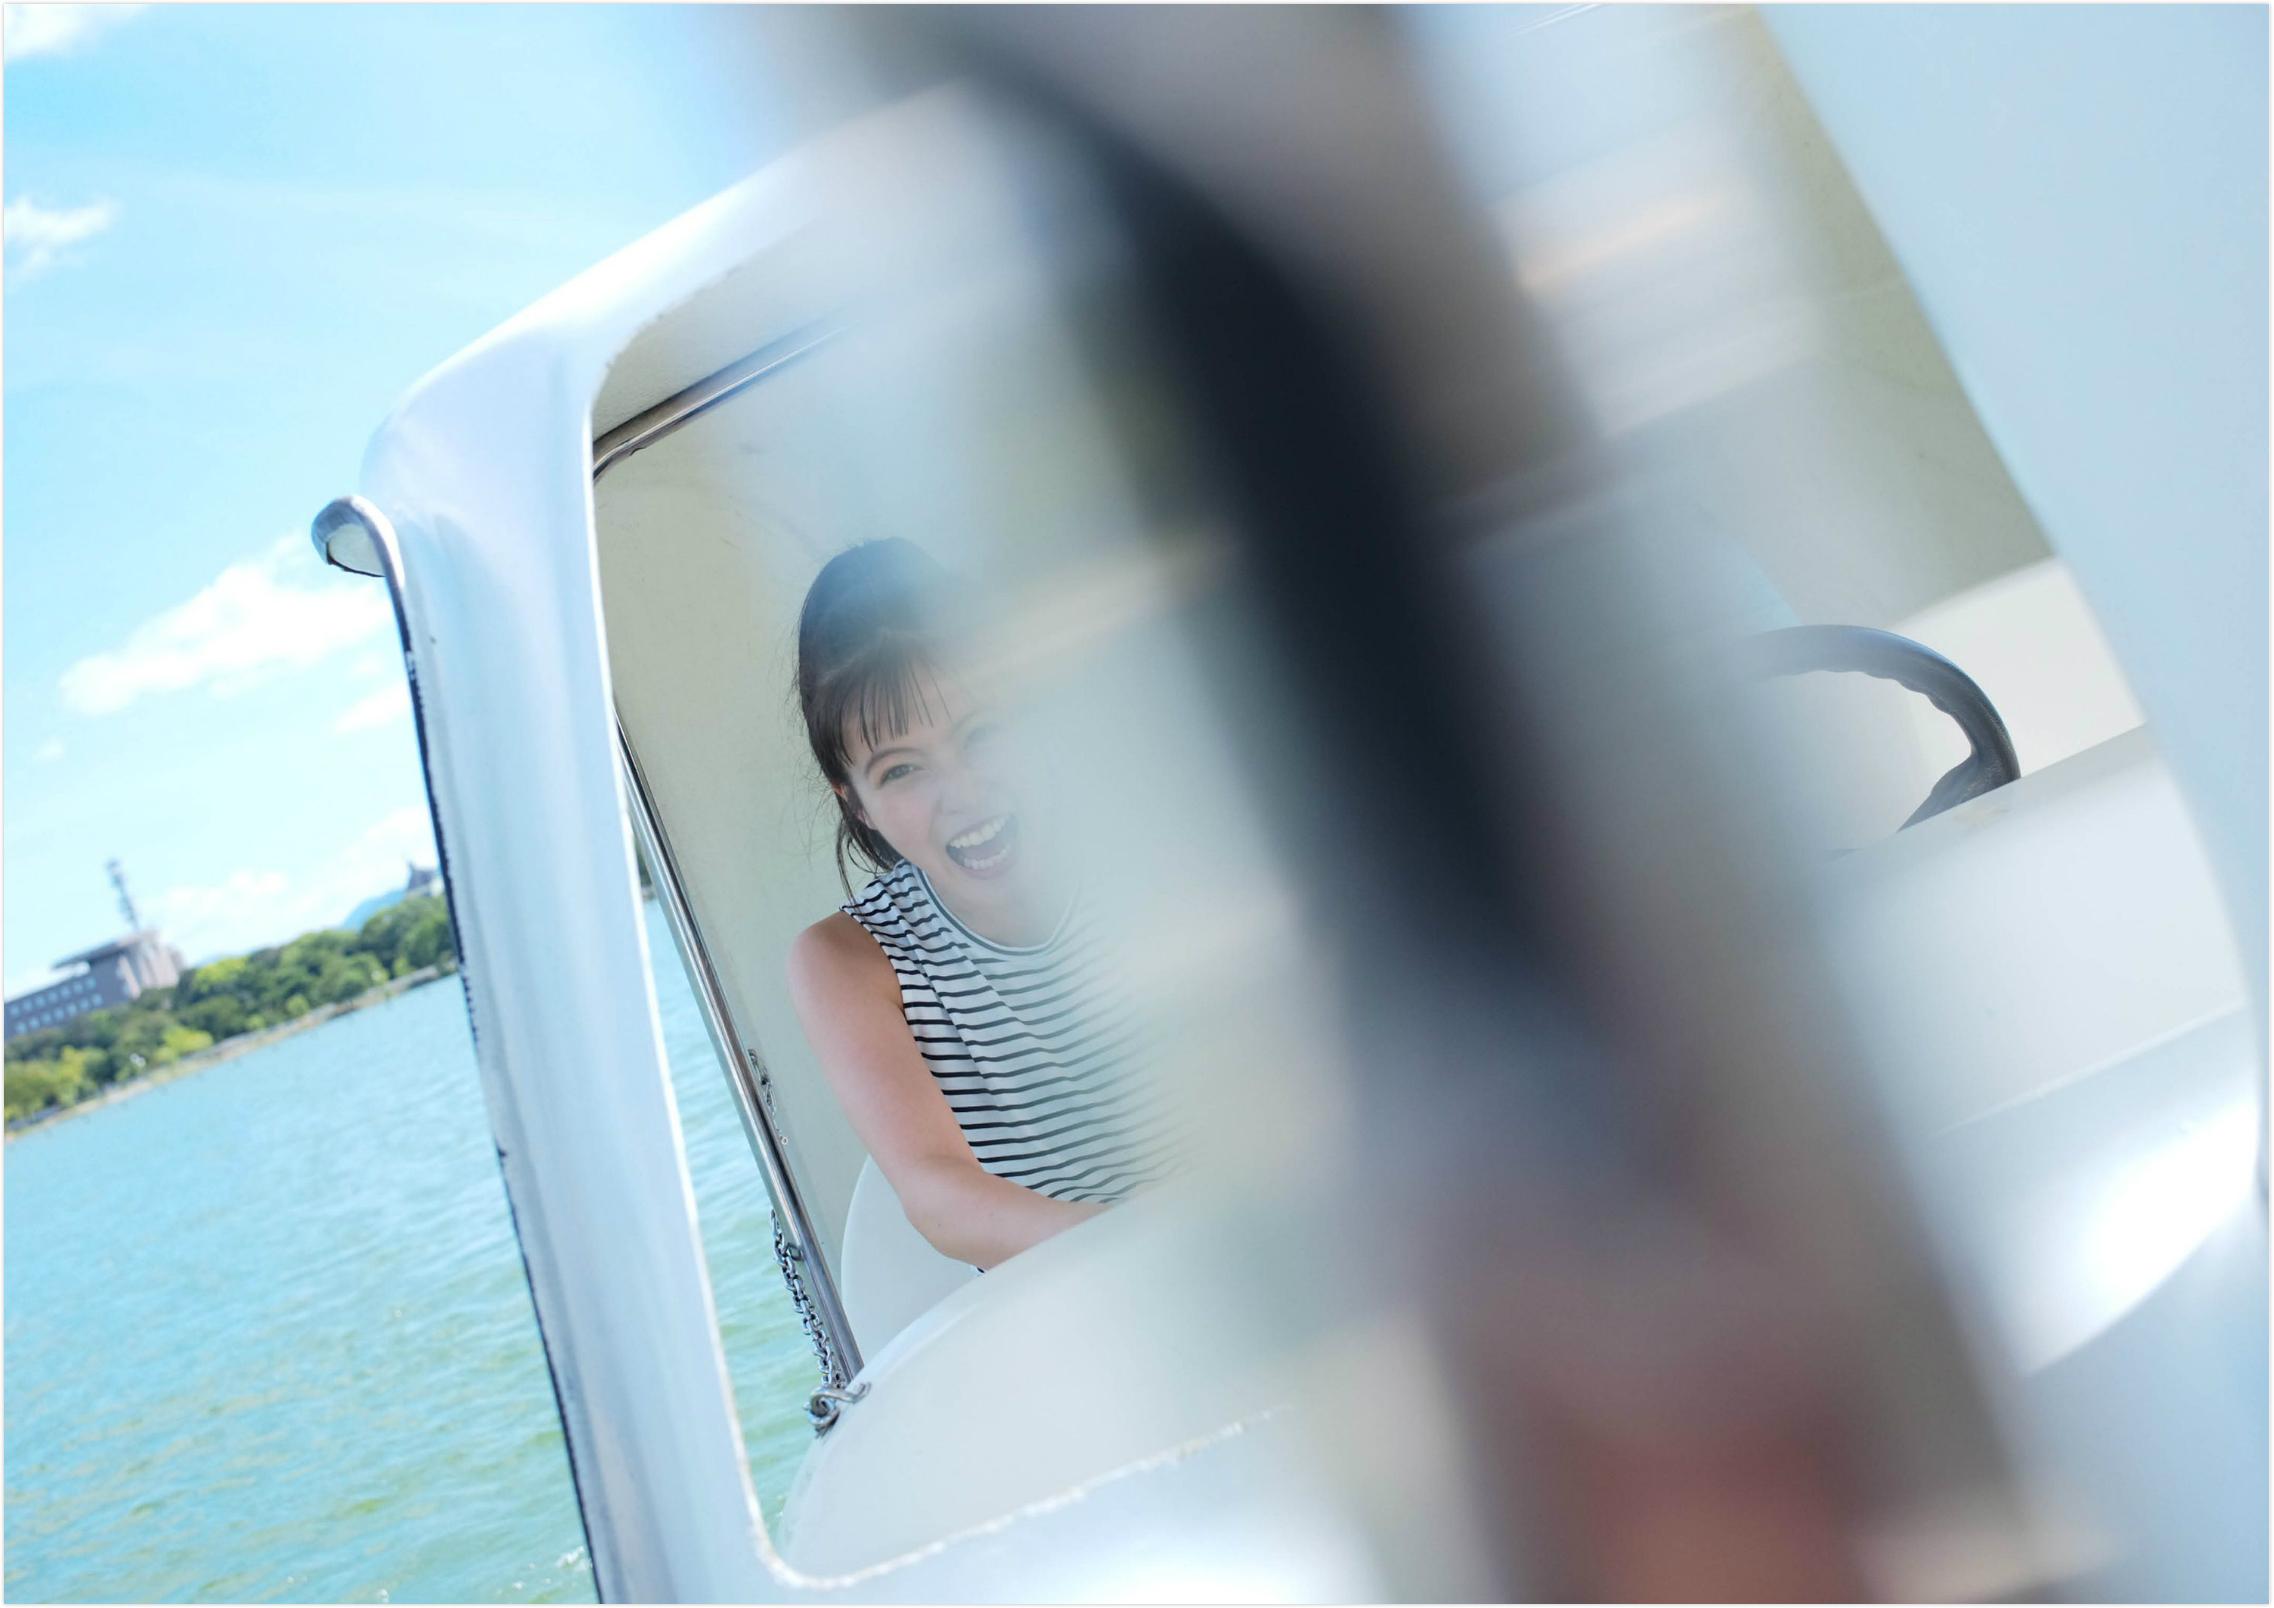 今田美樱Weekly Playboy写真集「スタミナ」 养眼图片 第10张